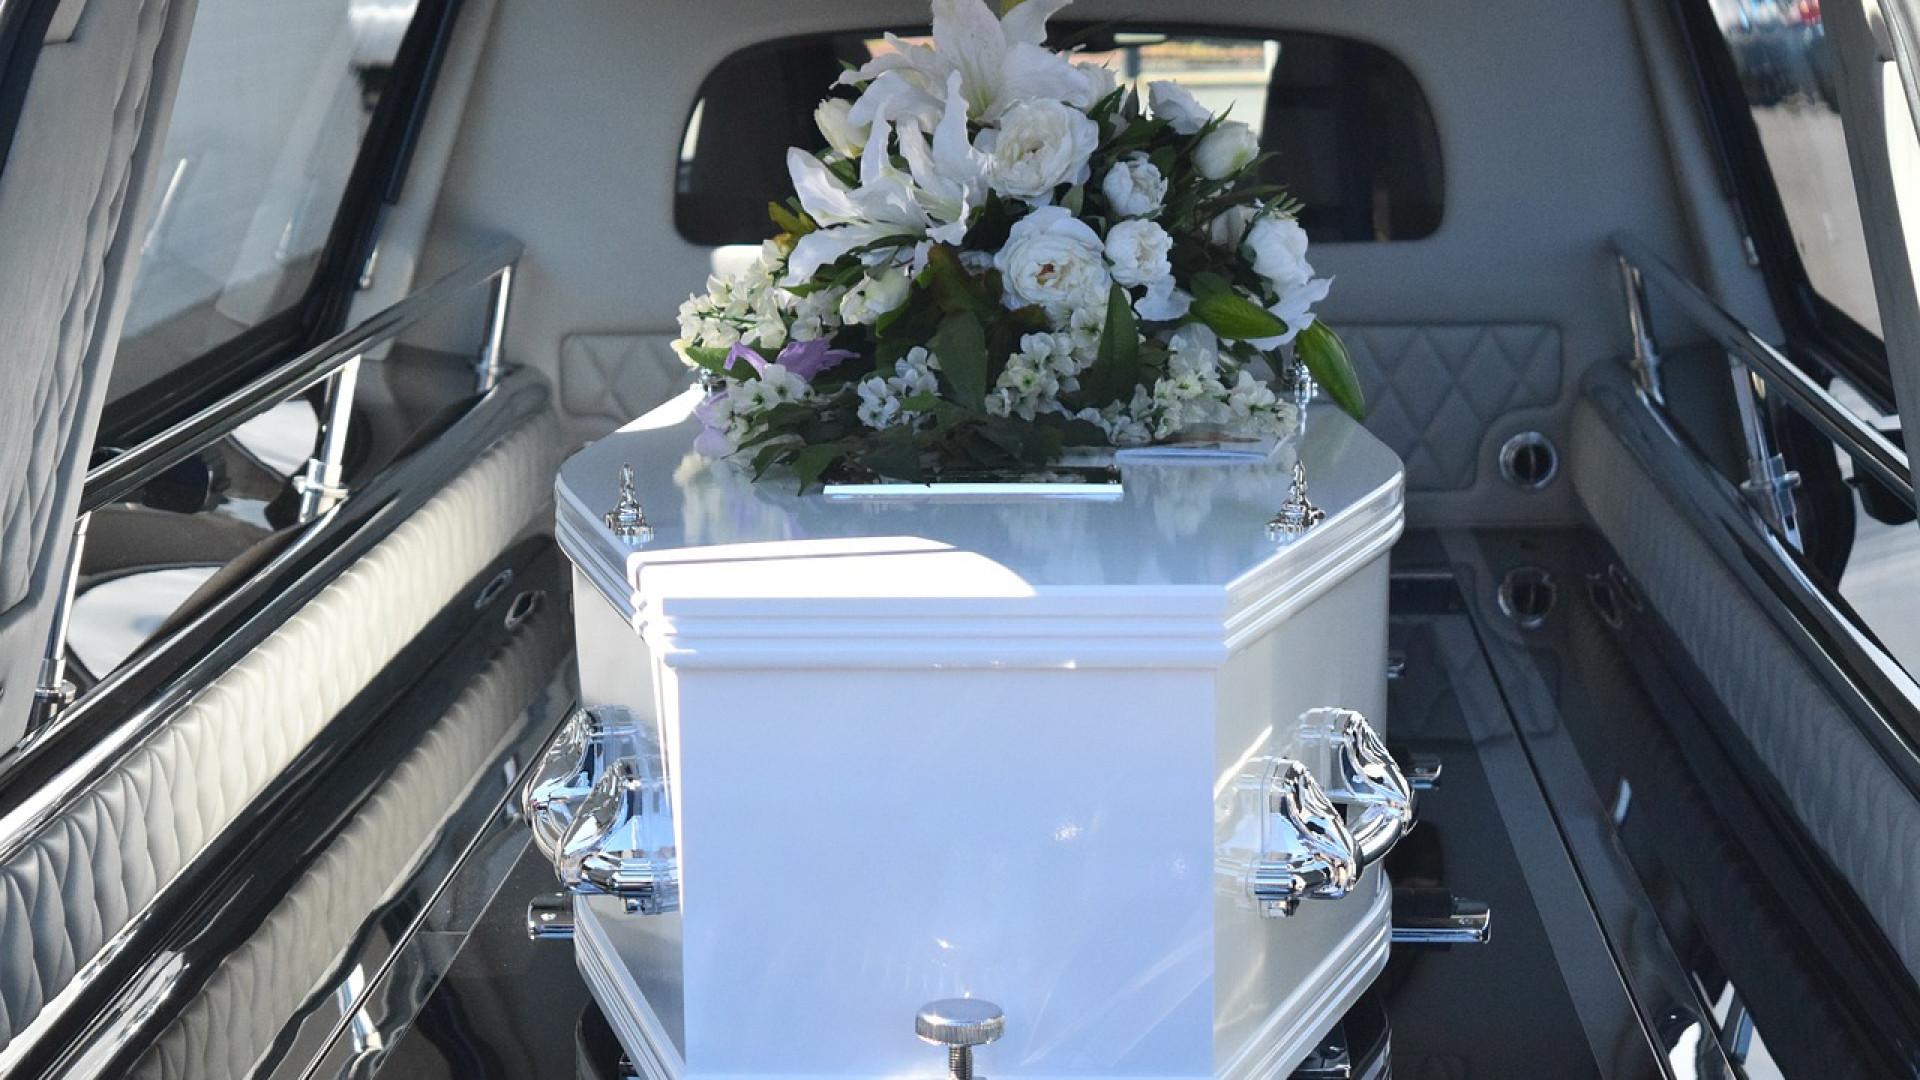 Comment organiser des obsèques à Lyon?